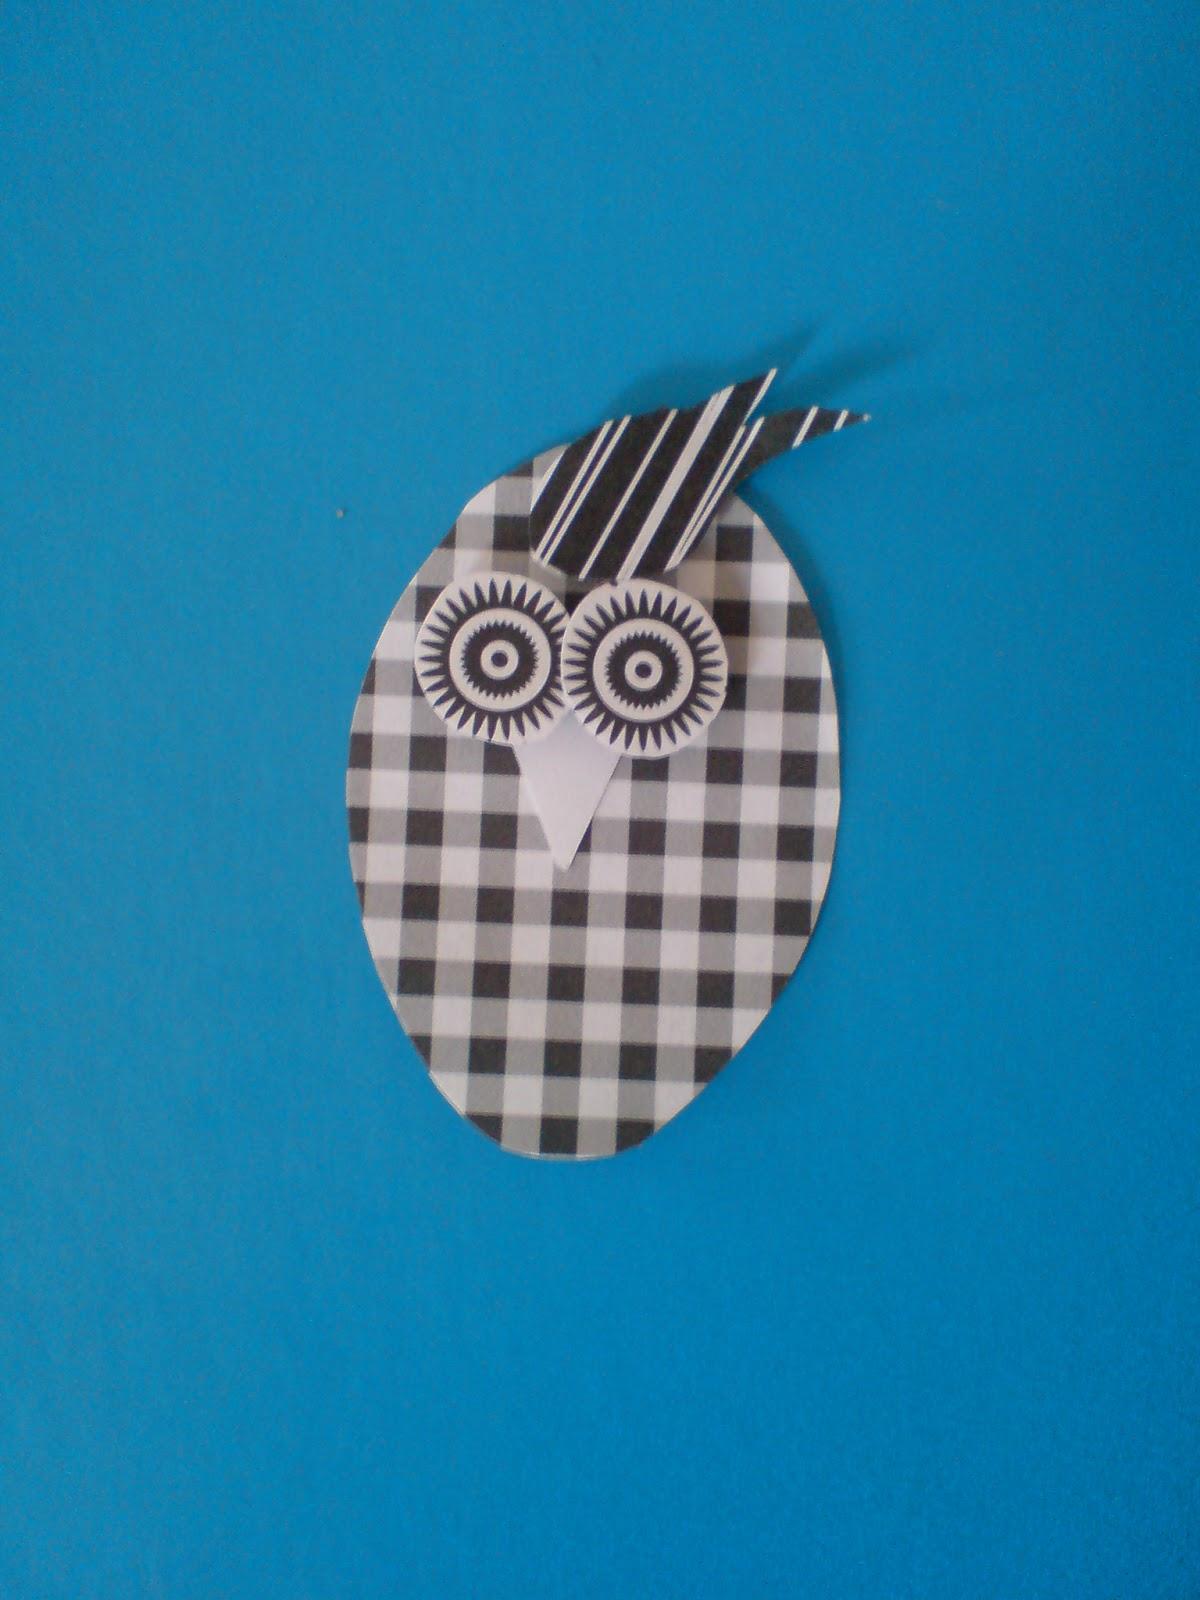 basteln und gestalten blog einen s en vogel aus papier basteln. Black Bedroom Furniture Sets. Home Design Ideas